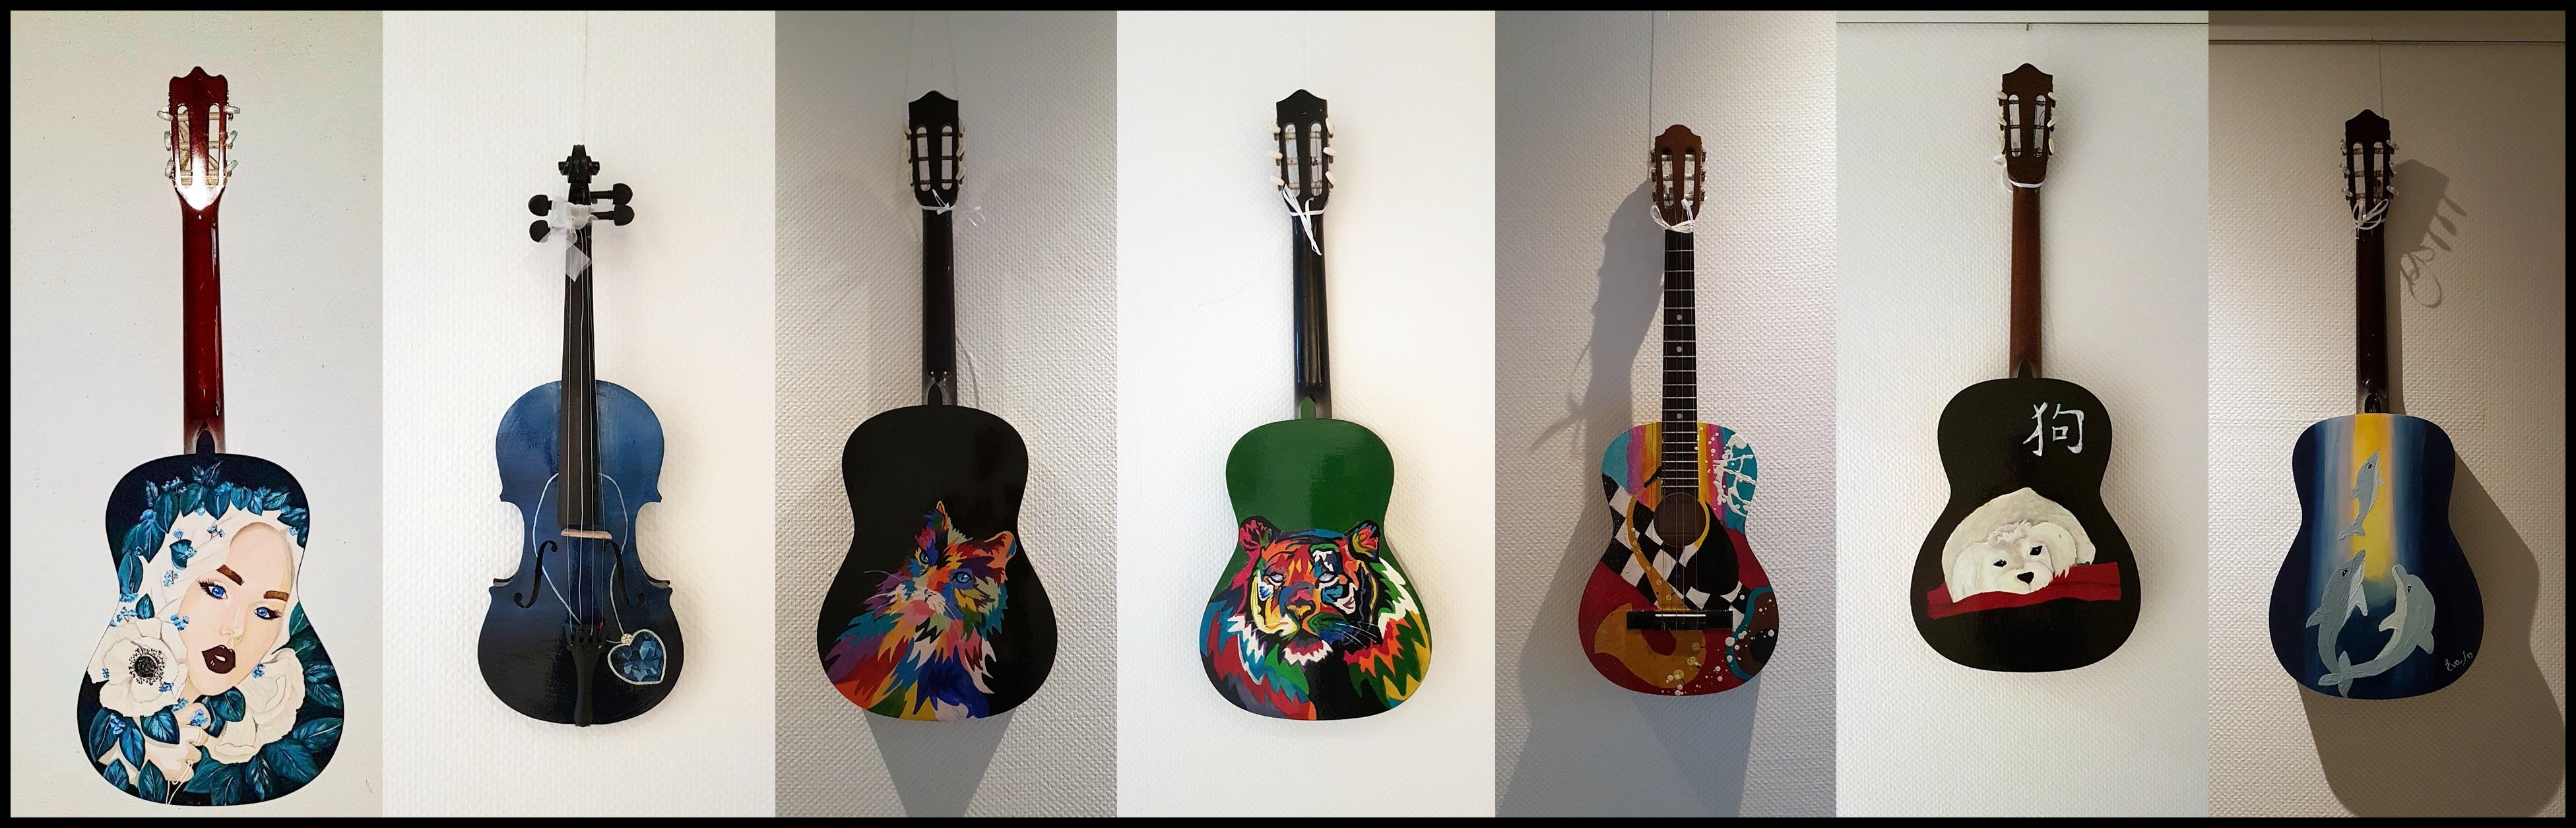 Gitarren Malerei